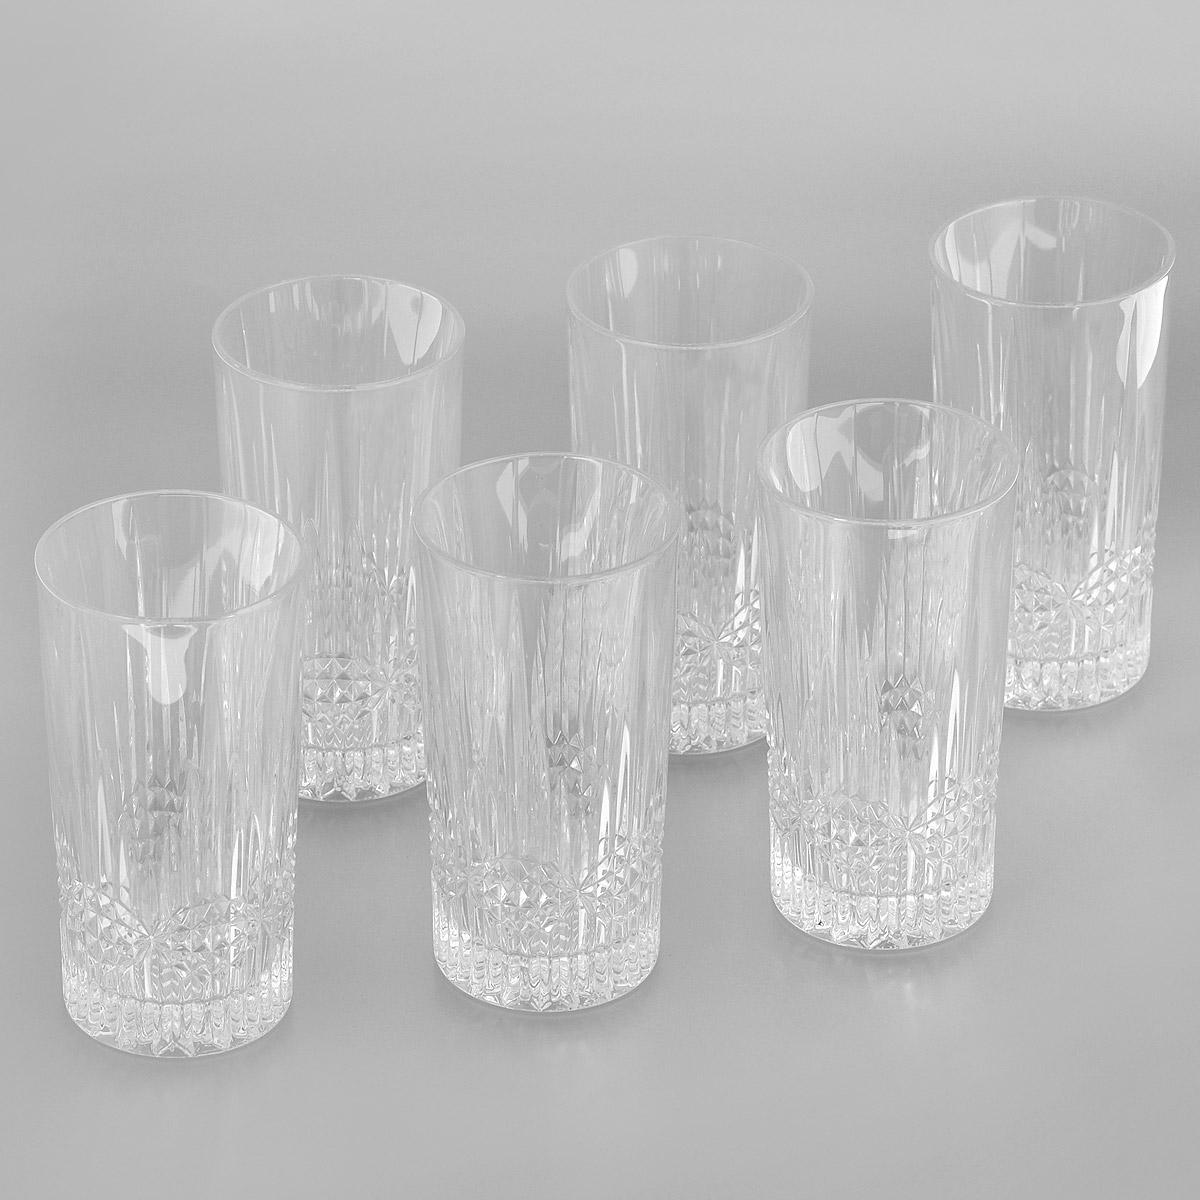 Набор стаканов для воды Crystal Bohemia Vibes, 300 мл, 6 шт набор стаканов 6шт 300 мл